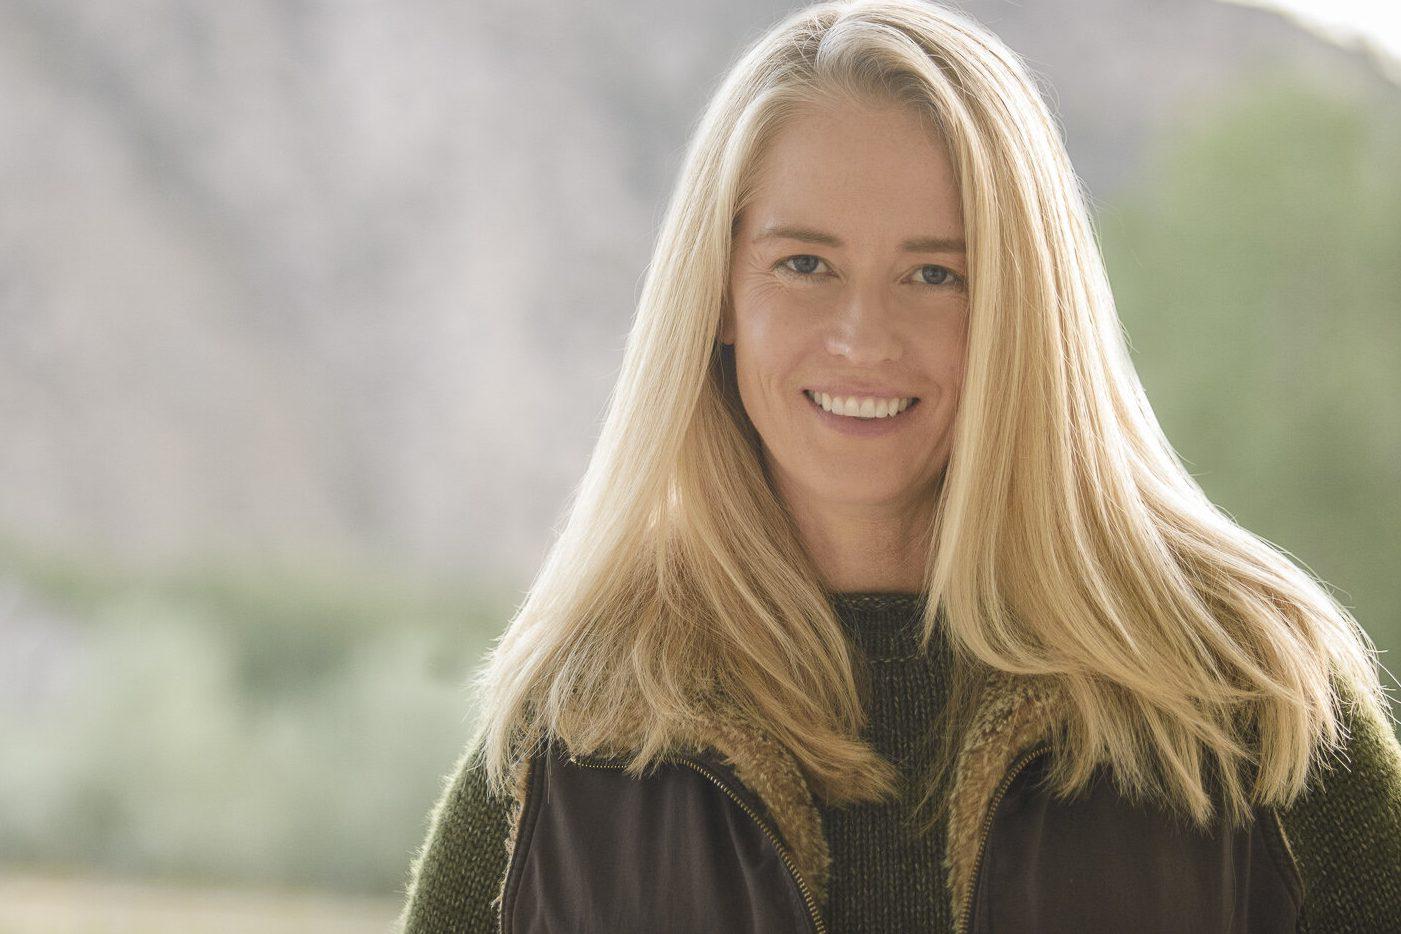 Heidi McCollum